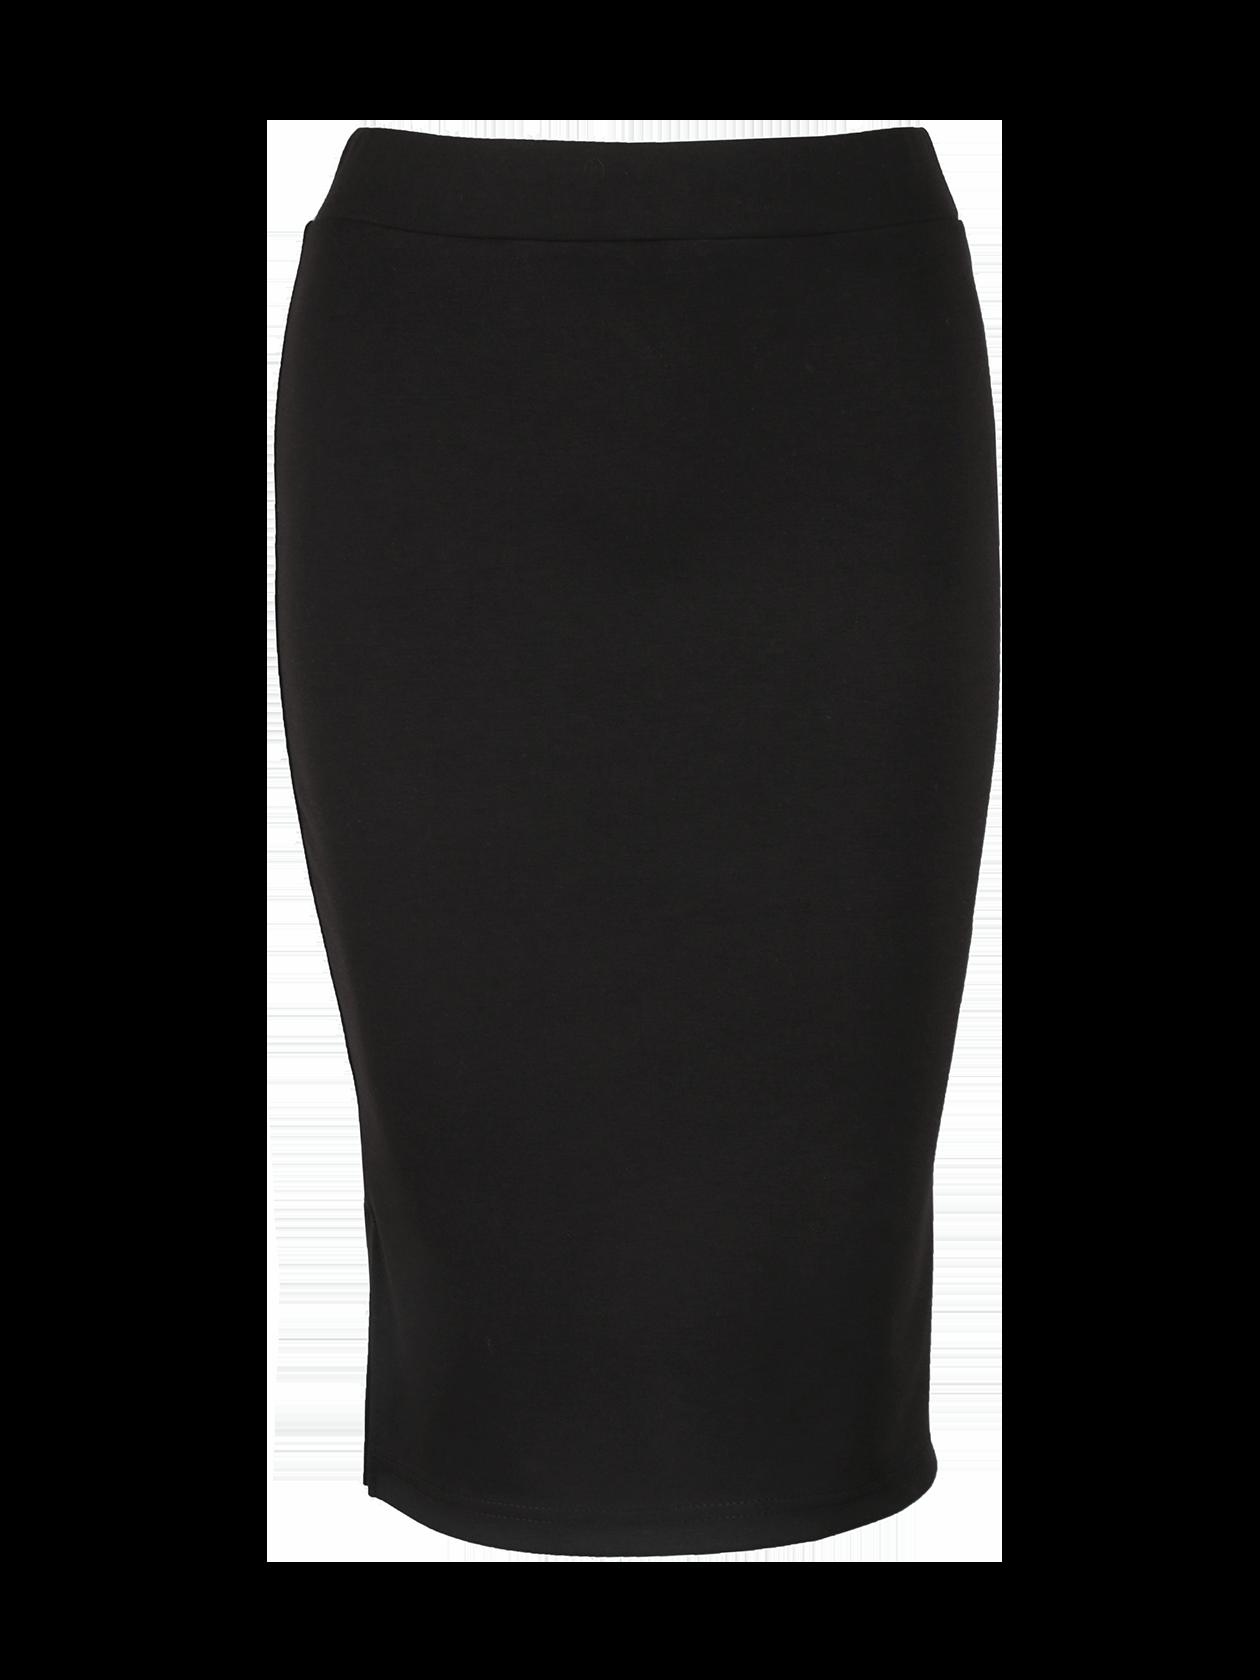 Юбка женская QUEEN 13Юбка женская Queen 13 – стильная вещь для повседневного гардероба из коллекции Black Star Wear. Классический дизайн, силуэт «карандаш», длина изделия – до колен. Модель представлена в практичной черной расцветке, сочетающейся с любой другой цветовой гаммой. Юбка дополнена фиксирующим поясом средней ширины. Изделие сшито из высококачественного материала, обладающего высокой износостойкостью. Подходит для любого типа фигуры.<br><br>Размер: M<br>Цвет: Черный<br>Пол: Женский